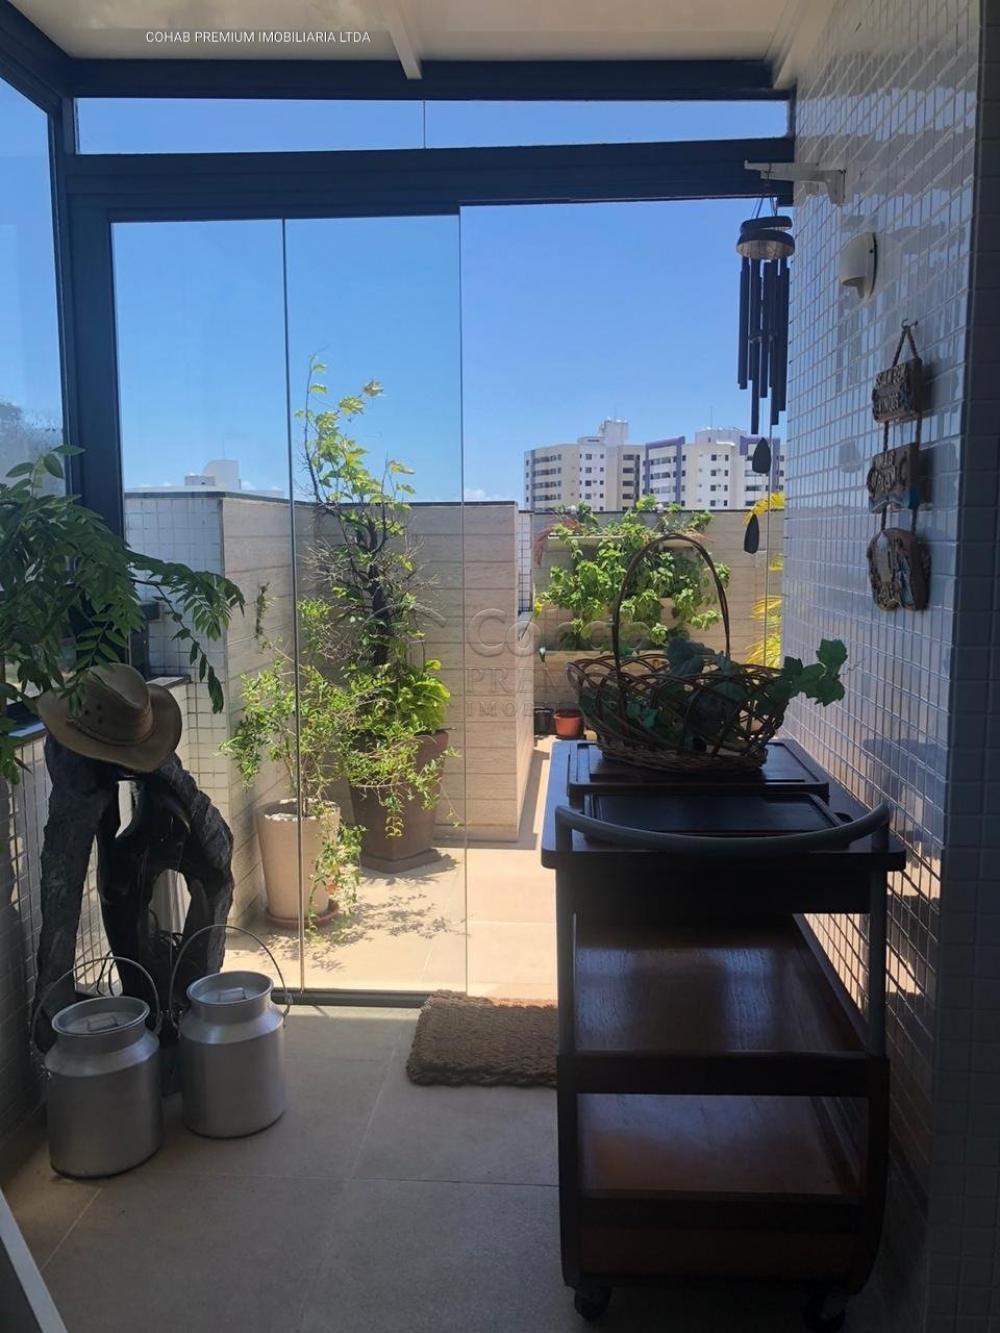 Comprar Apartamento / Cobertura em Aracaju R$ 1.300.000,00 - Foto 9